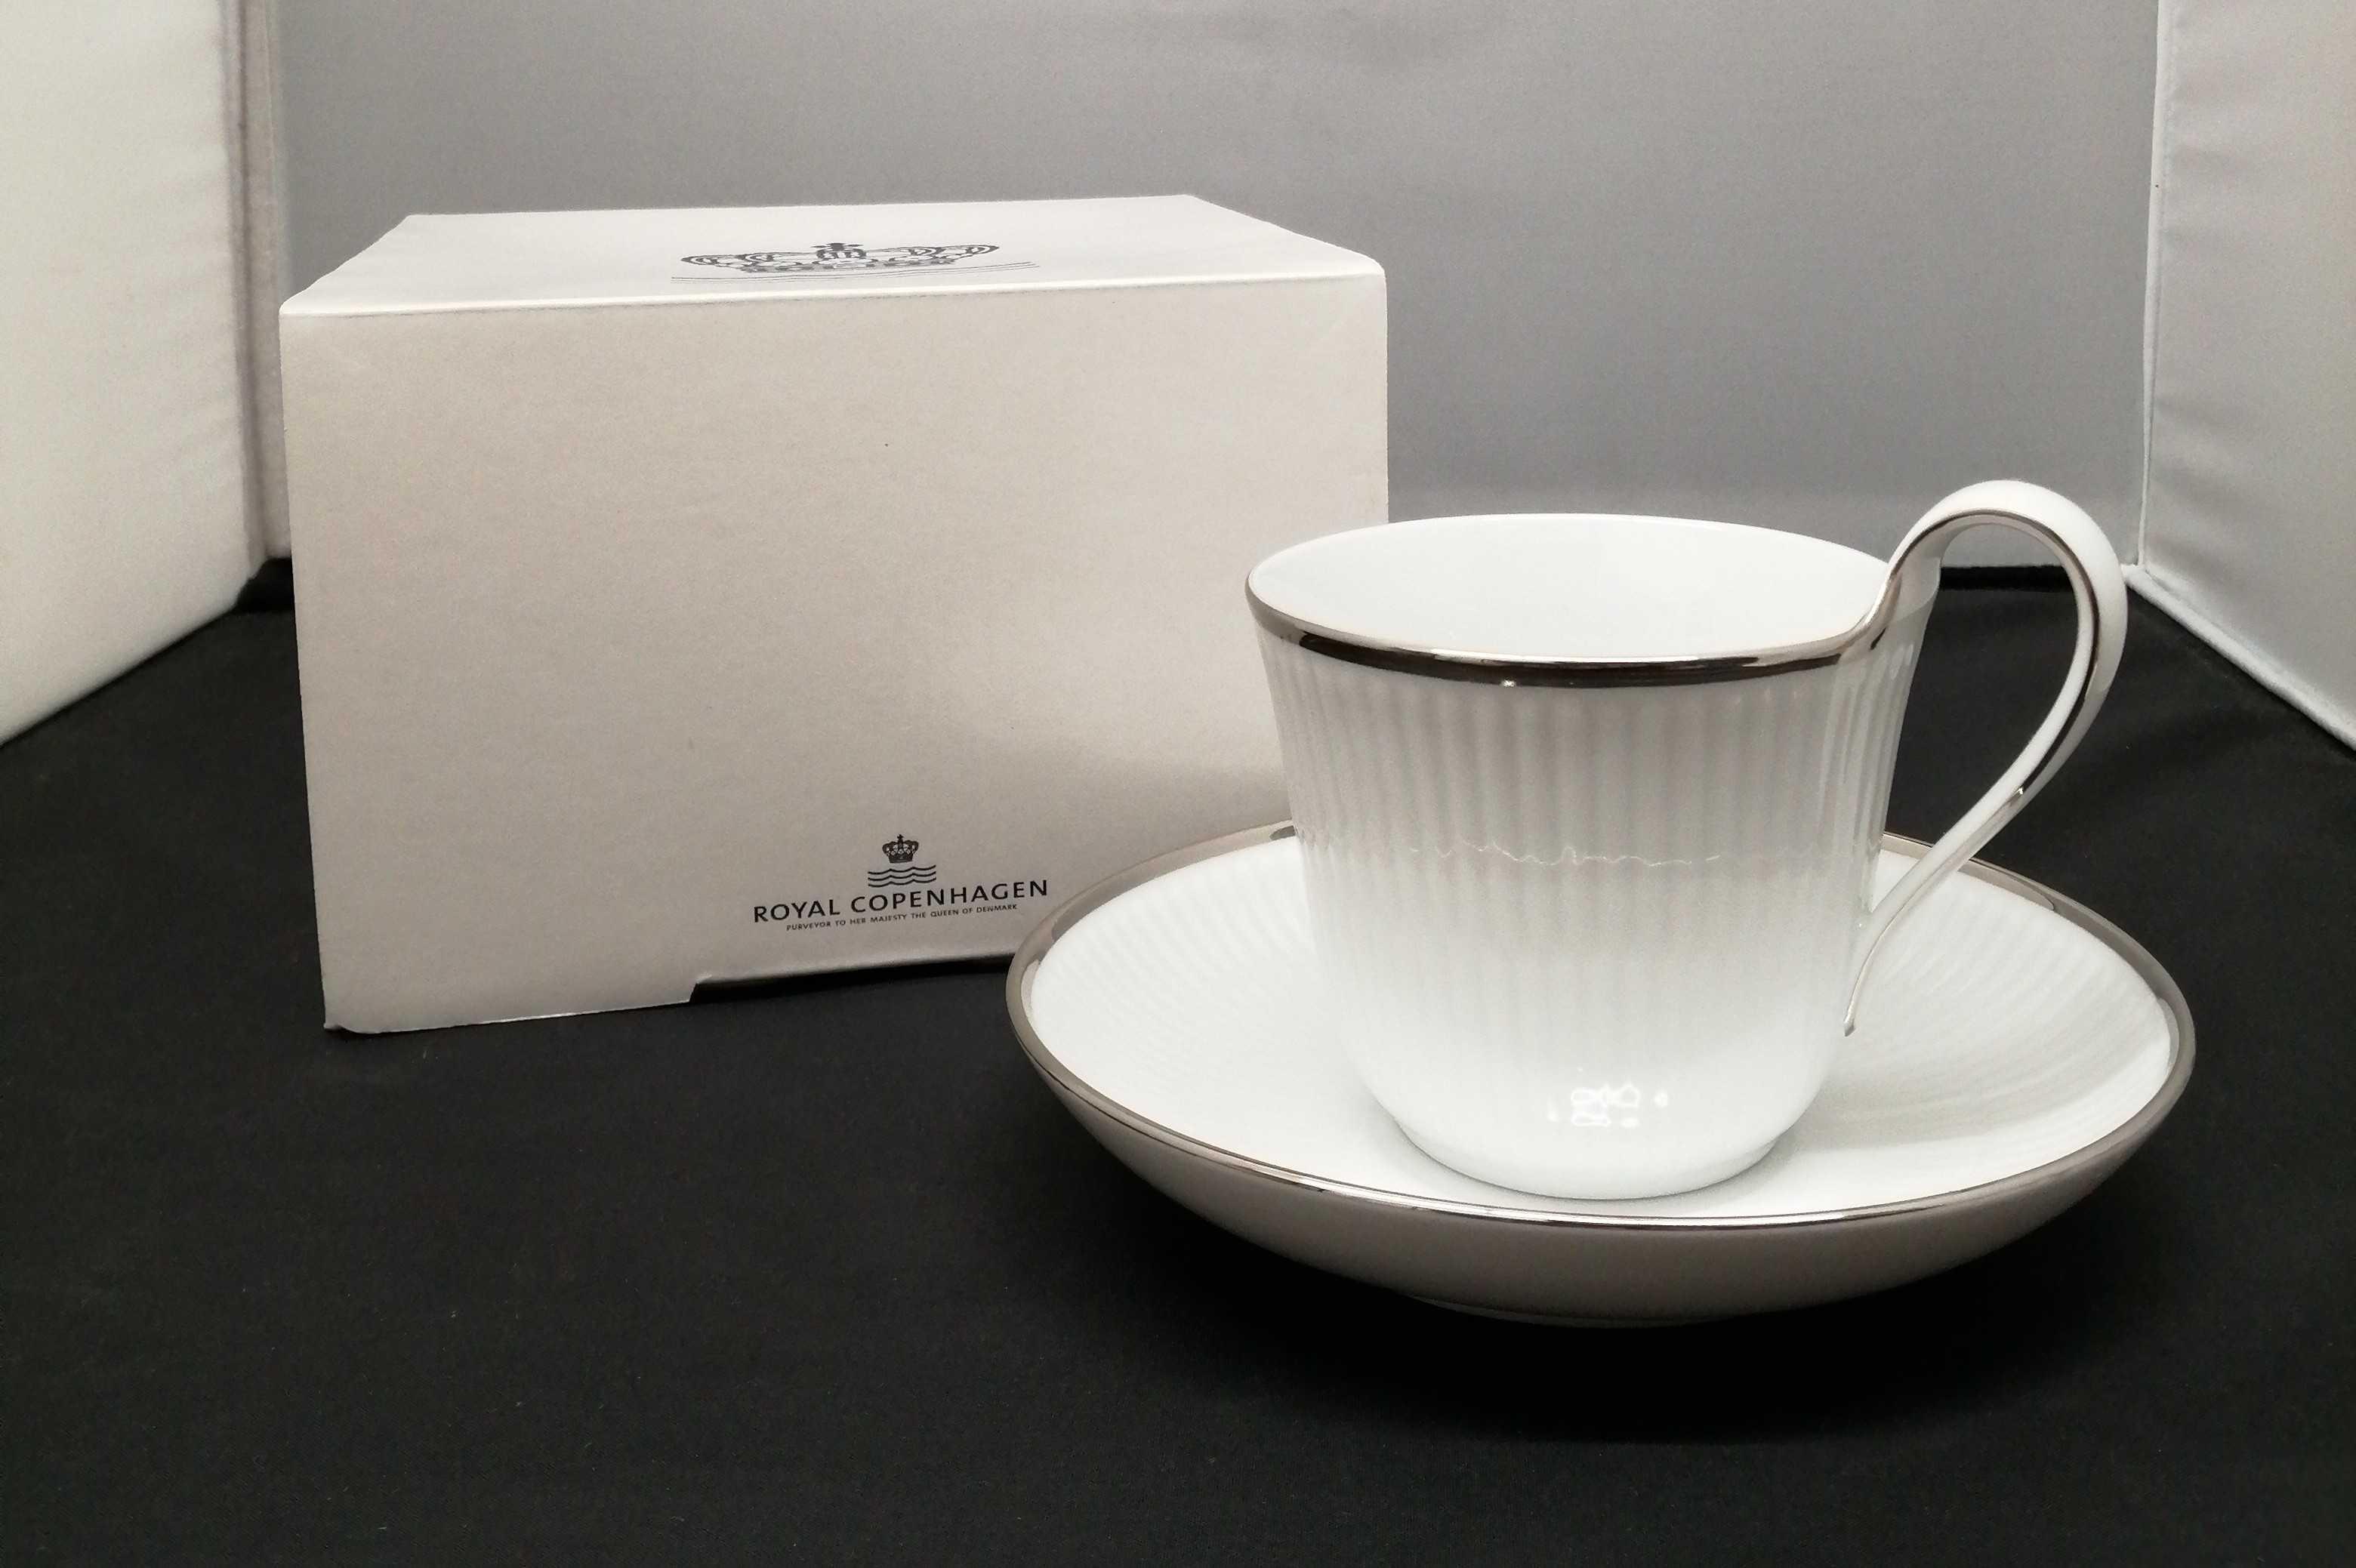 ハイカップ&ソーサー|Royal Copenhagen